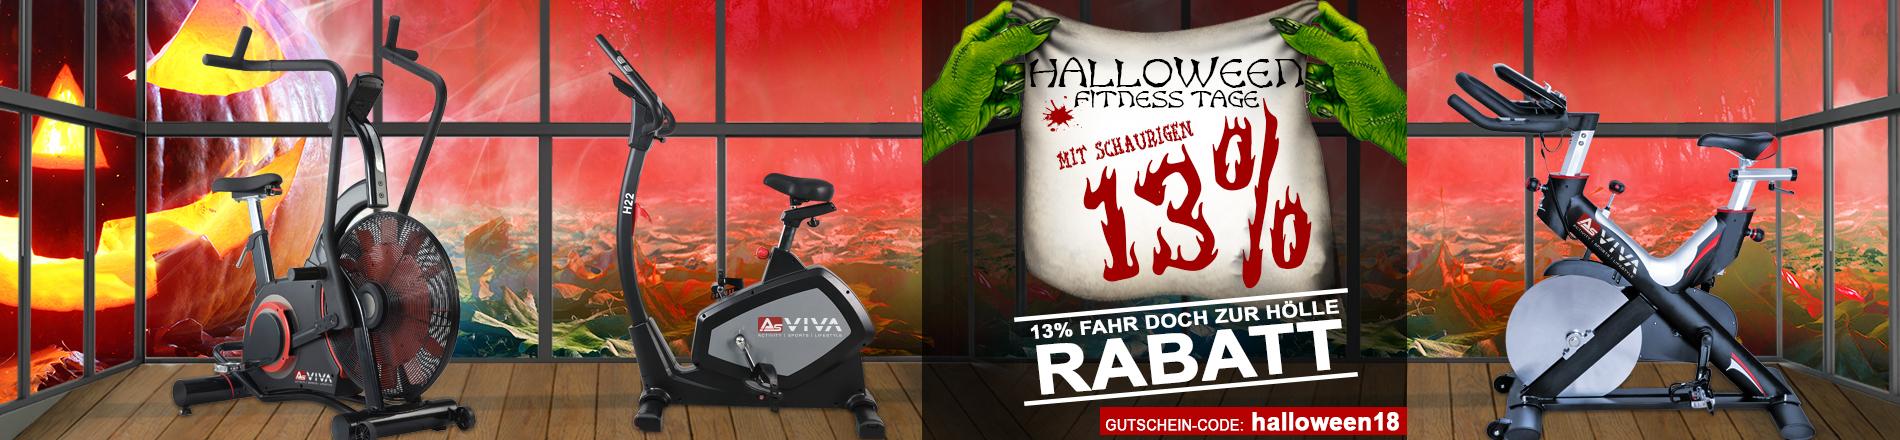 Halloween Aktion 13% Rabatt-Gutschein für Fitnessgeräte, E-Bikes, Keramikgrills und Gartenmöbel im AsVIVA Online Shop